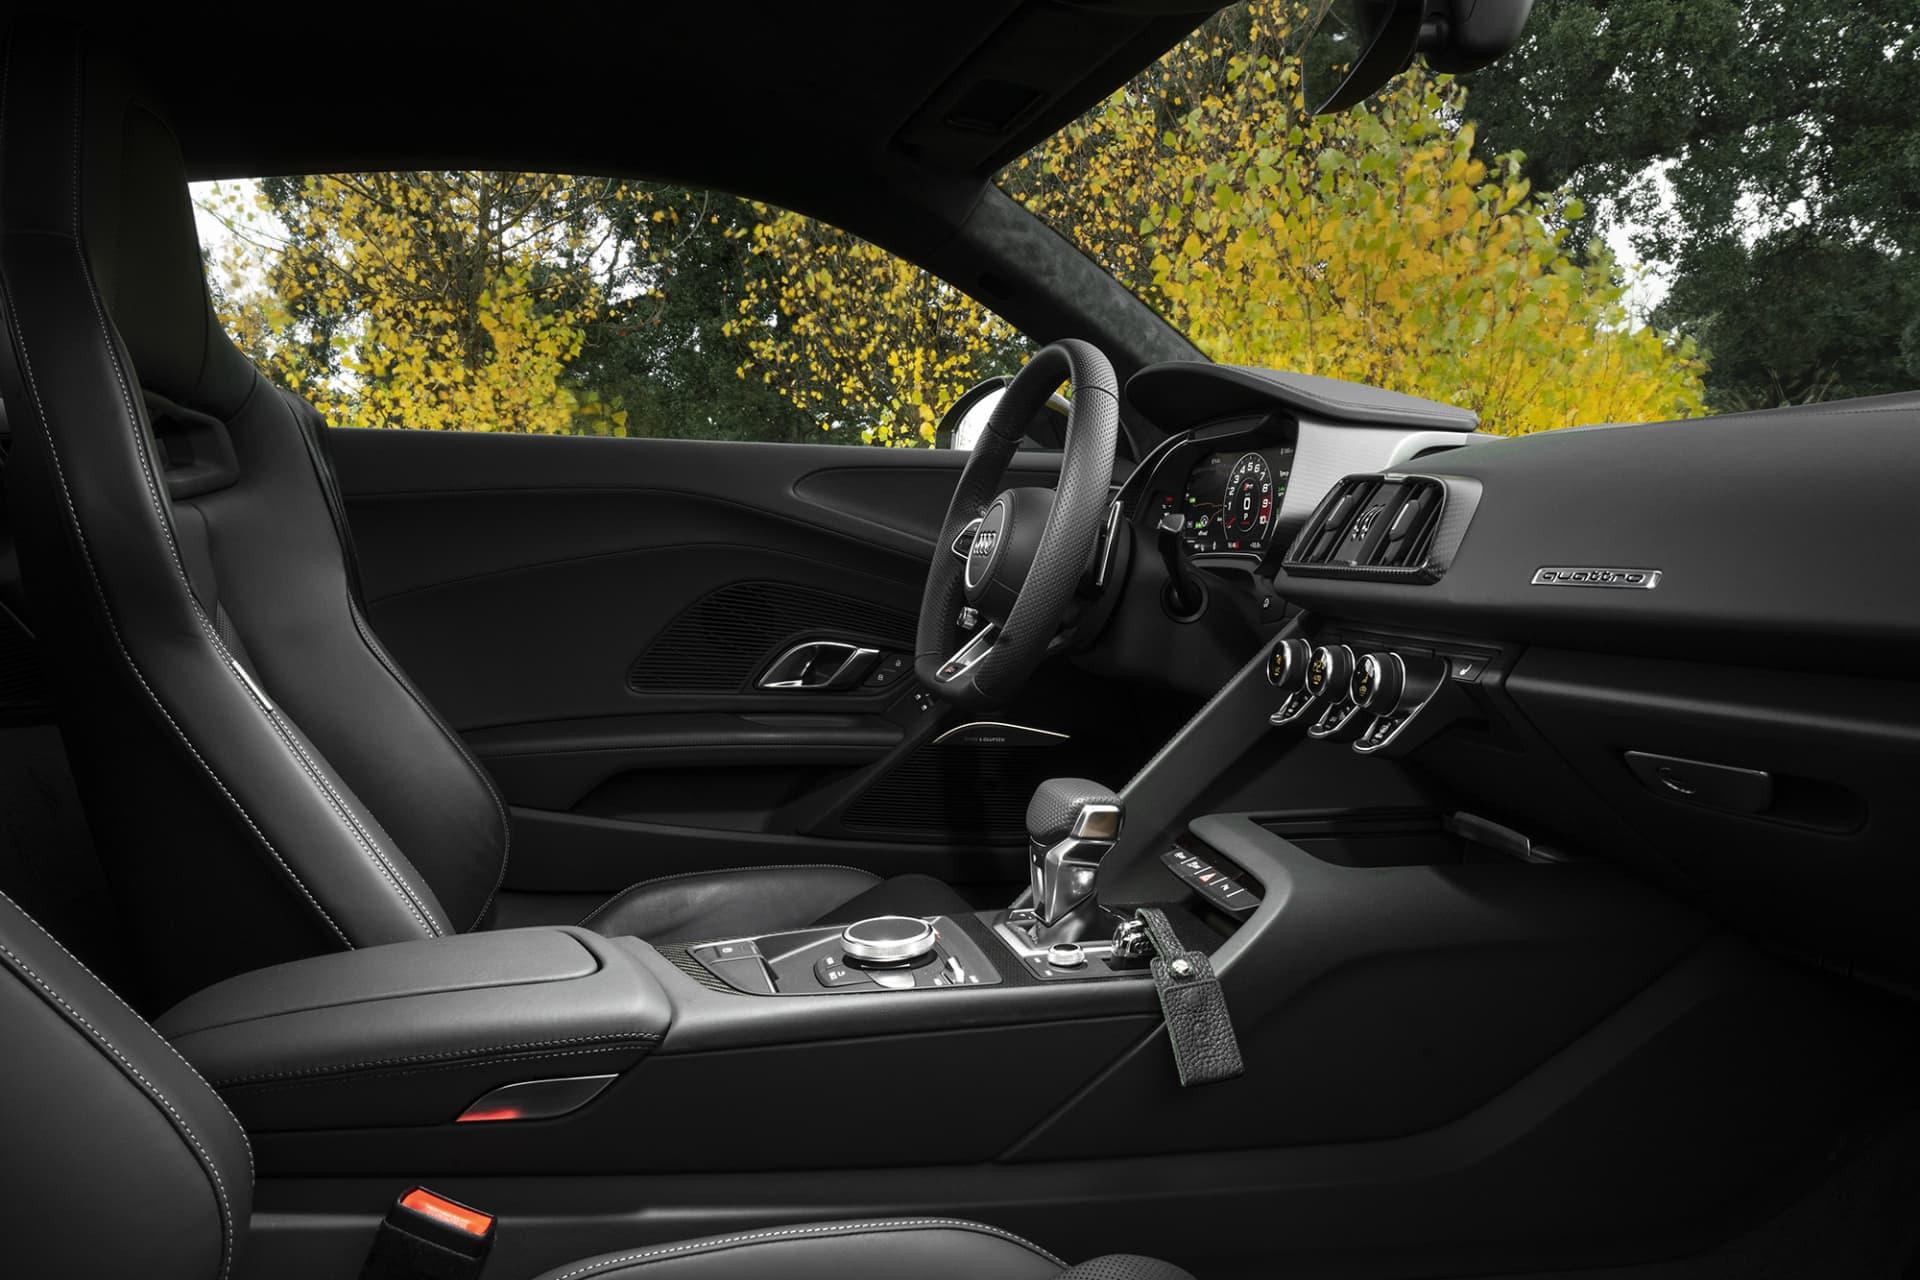 Interiören på R8 är sober och sportig. Endast det mest nödvändiga sitter där och lättöverskådligt. Till skillnad från märkessyskonet Huracán från Lamborghini har man relativt gott om plats i R8.